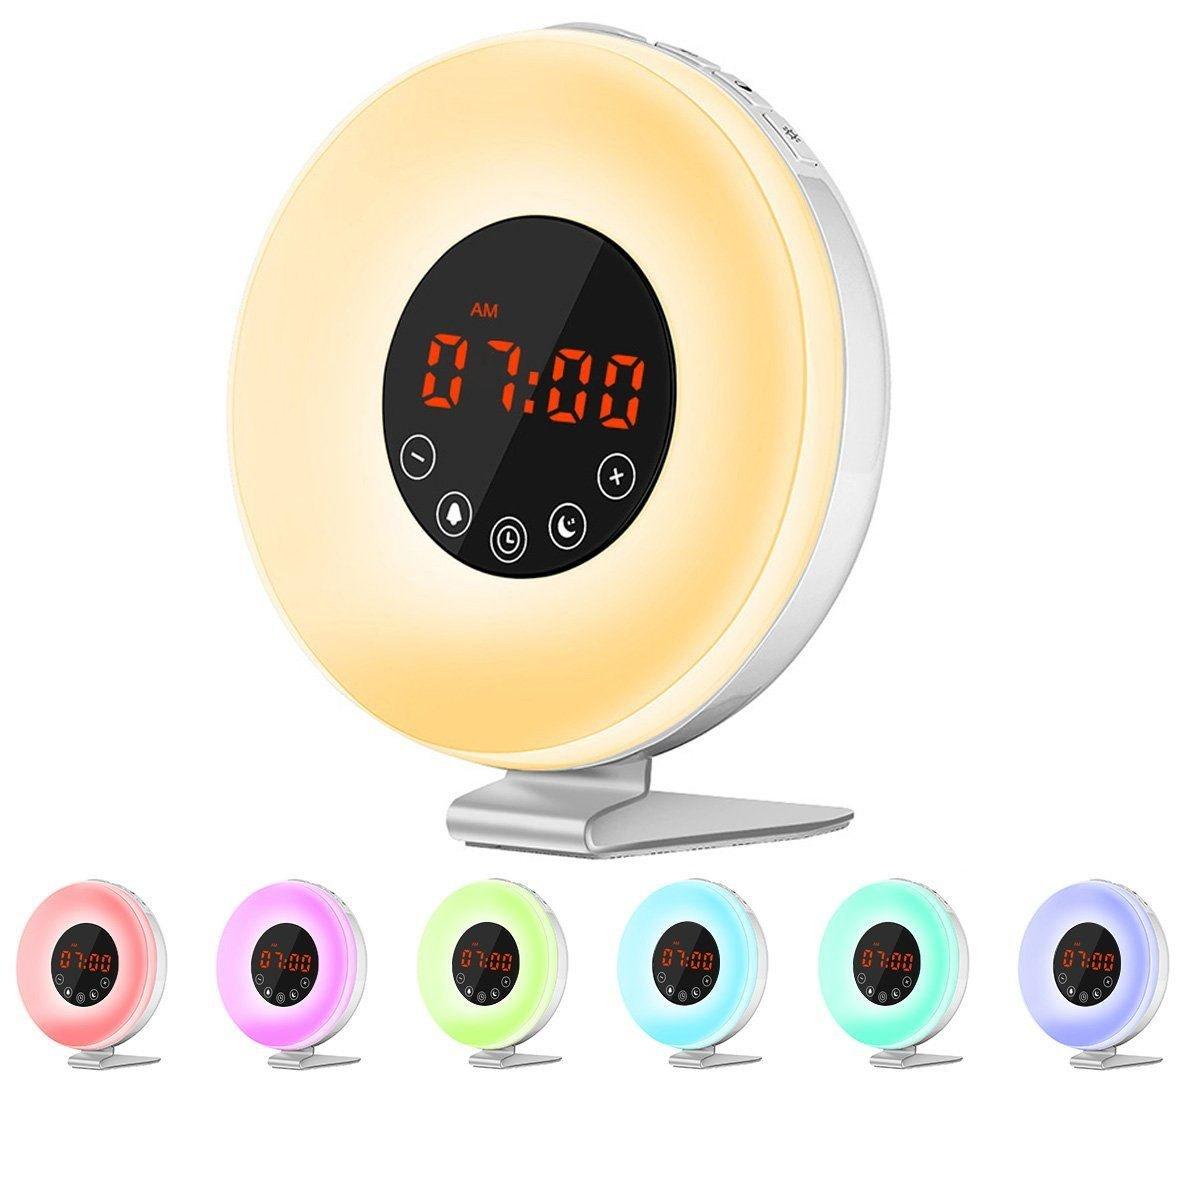 (Versione Aggiornata)Wake-up Light, Queta Sveglia Luminosa con Simulazione Alba/Tramonto Sveglia con Funzione Snooze, 6 Suoni di Allarme Naturale, Radio FM, Luce Notturna con 7 Colori/10 Luminosità